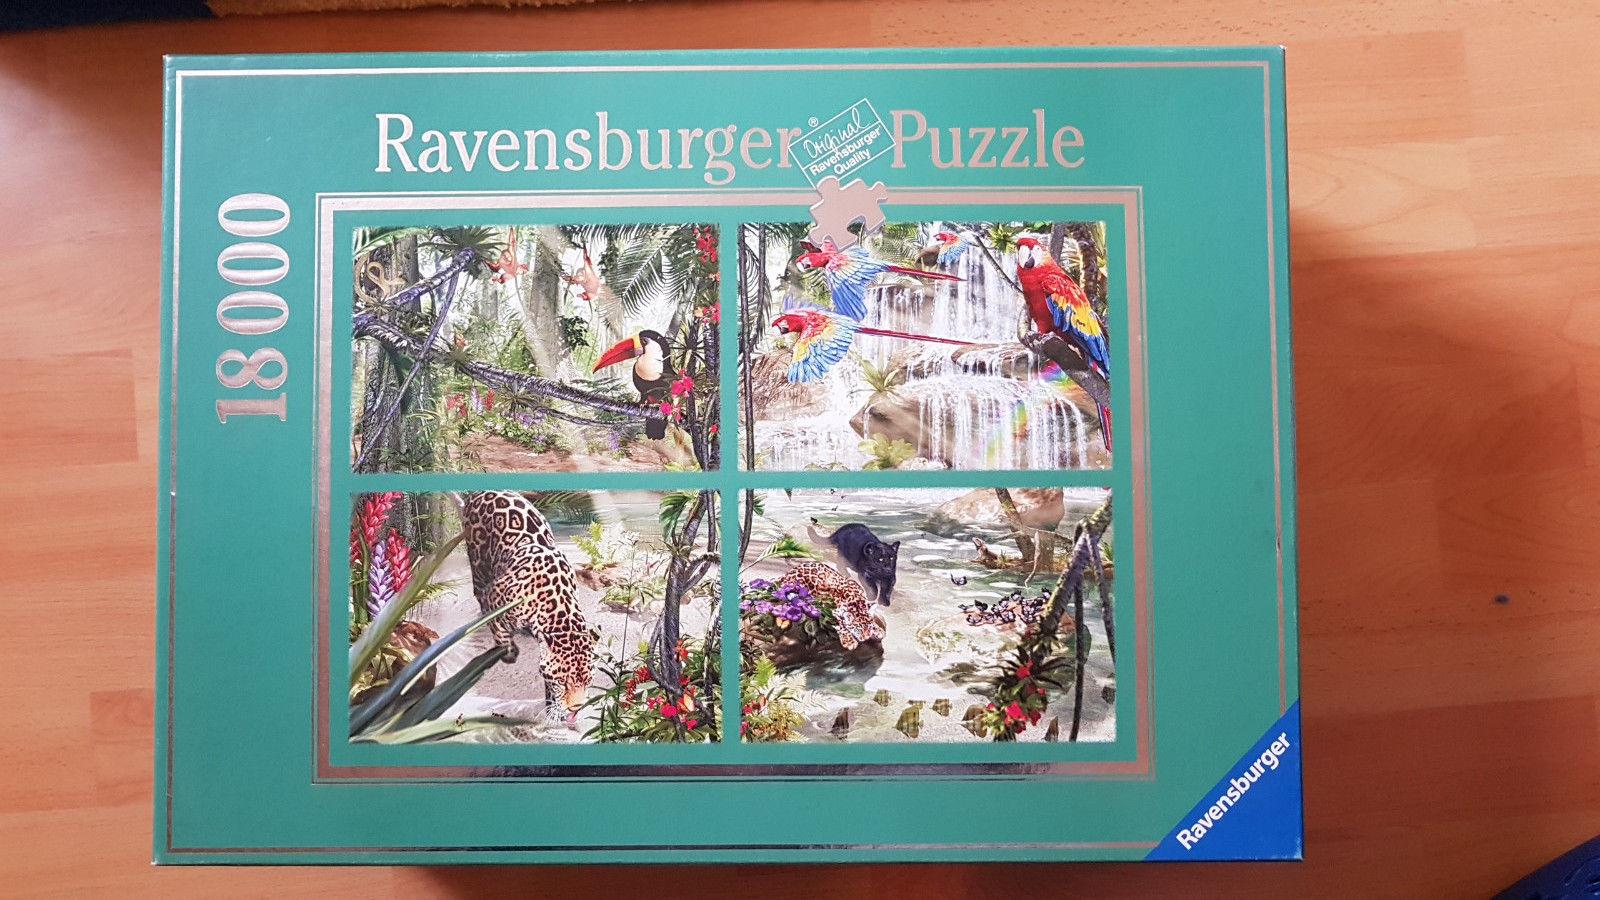 Ravensburger Puzzle 18000 Teile, Tropische Impressionen, David Penfound, Rarität